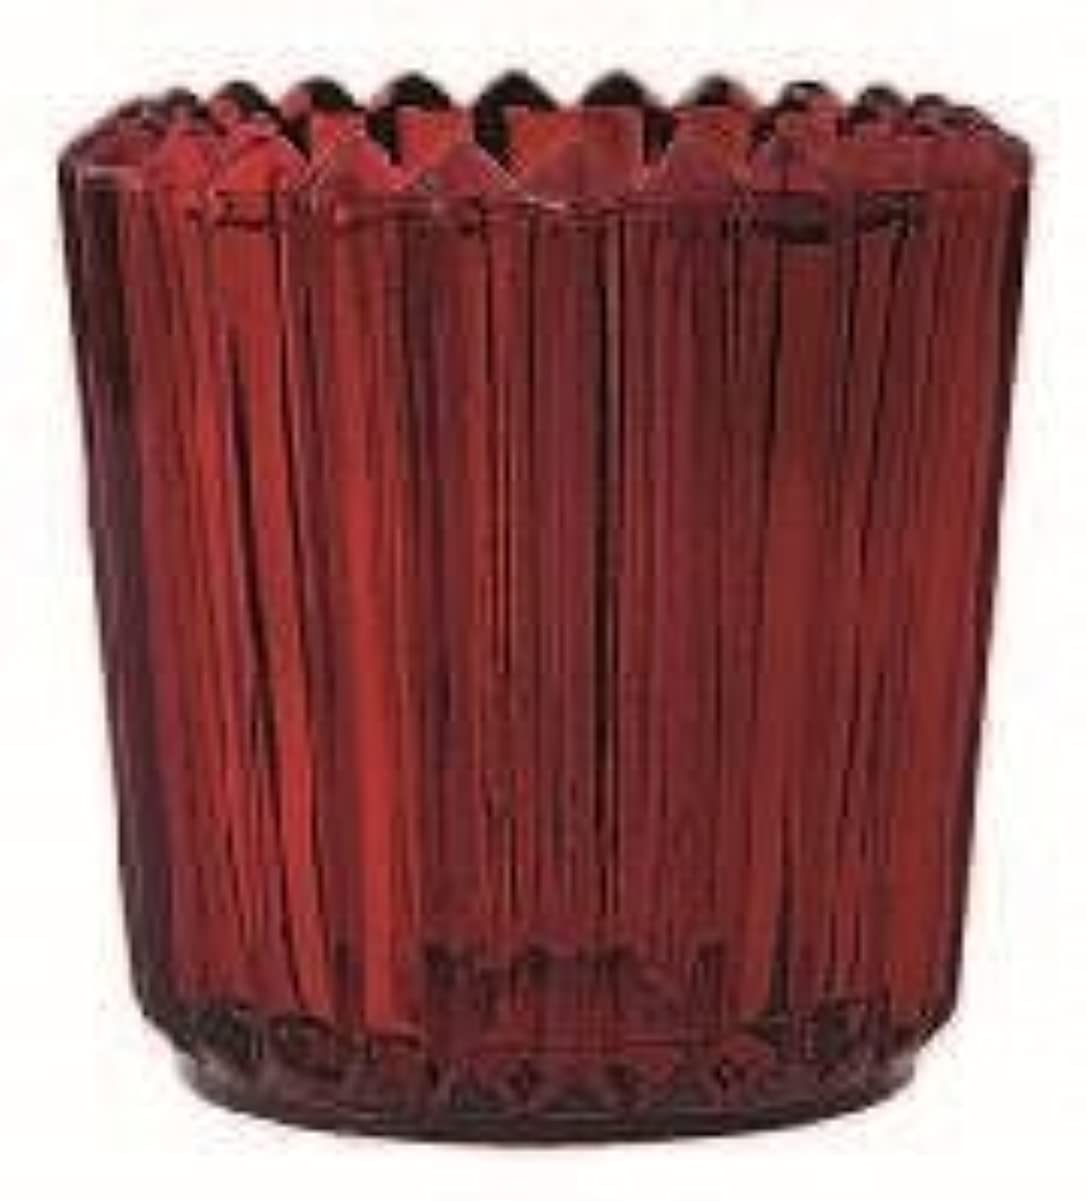 ケージ解き明かすボールカメヤマキャンドル(kameyama candle) ソレイユ 「 レッド 」